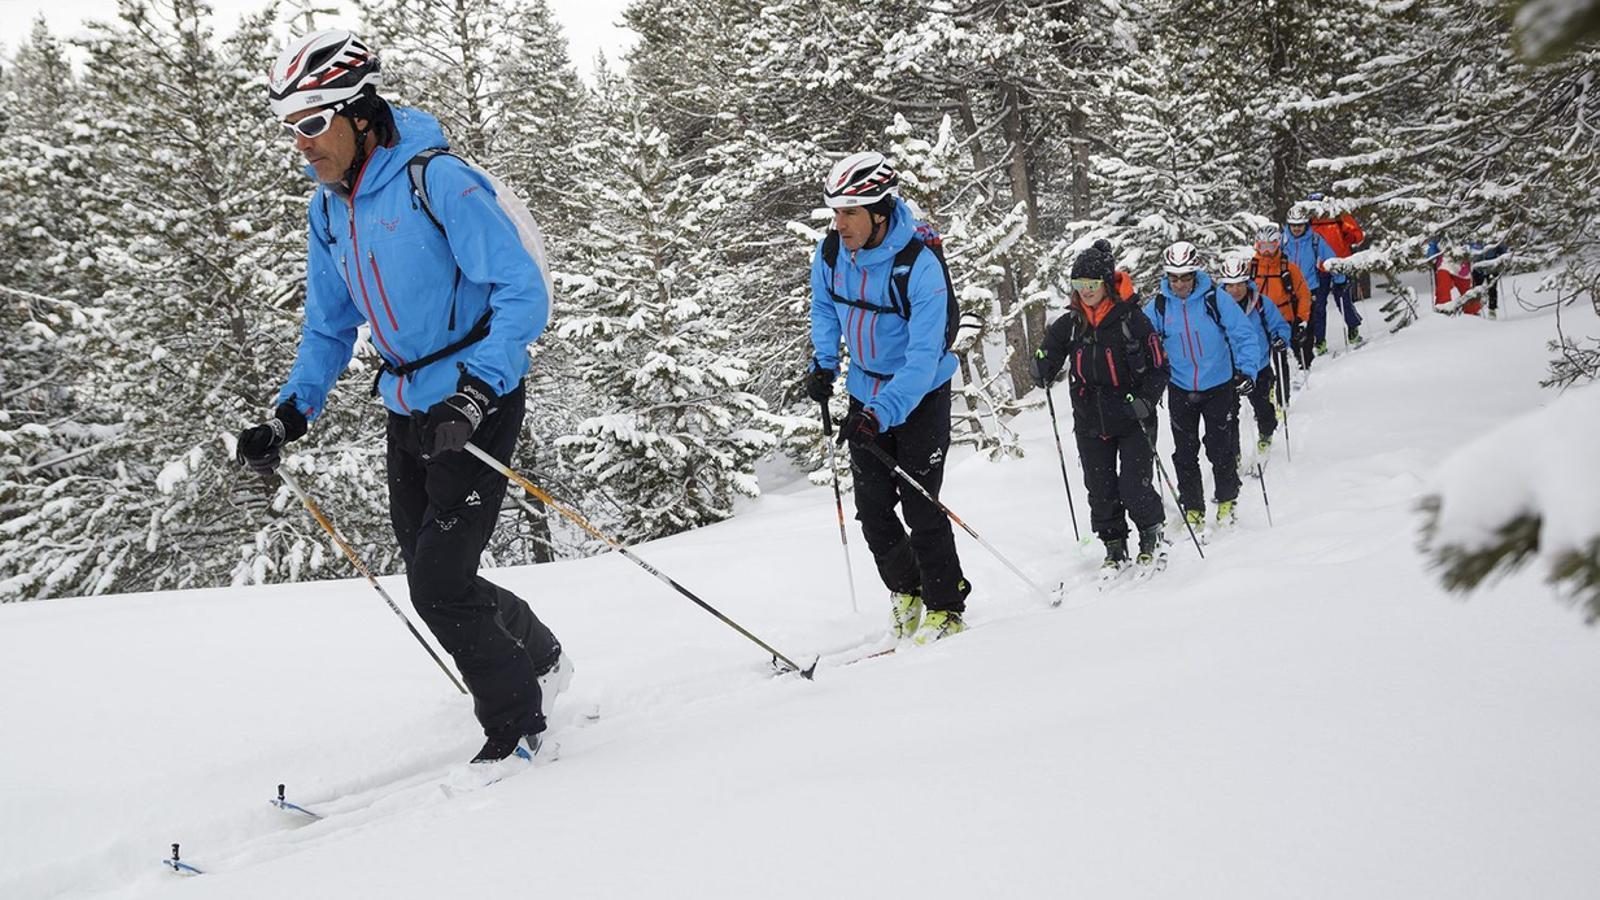 Usuaris practicant esquí de muntanya a Grandvalira / ANA